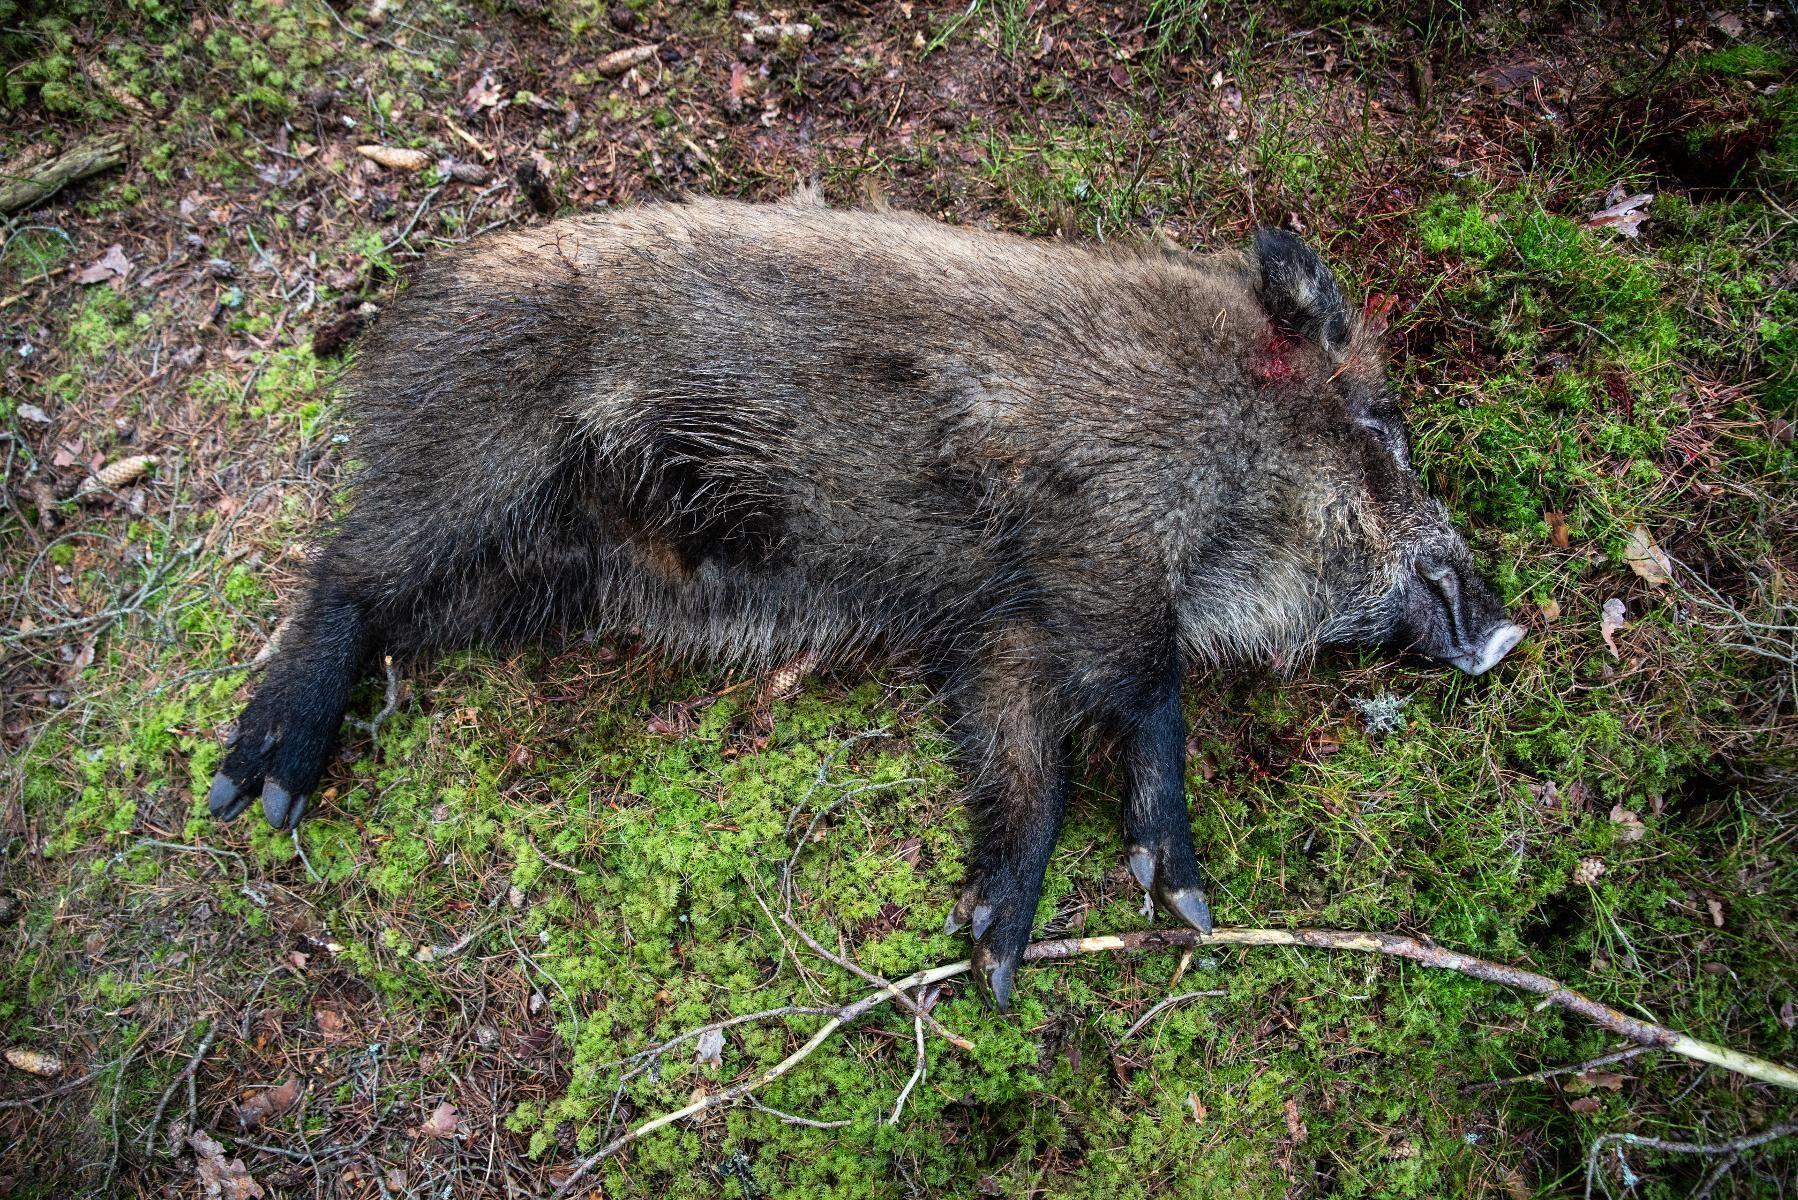 I dagsläget återstår mindre än fem vildsvin i Danmark, enligt den statliga myndigheten Naturstyrelsen. Arkivbild, tagen i Sverige.